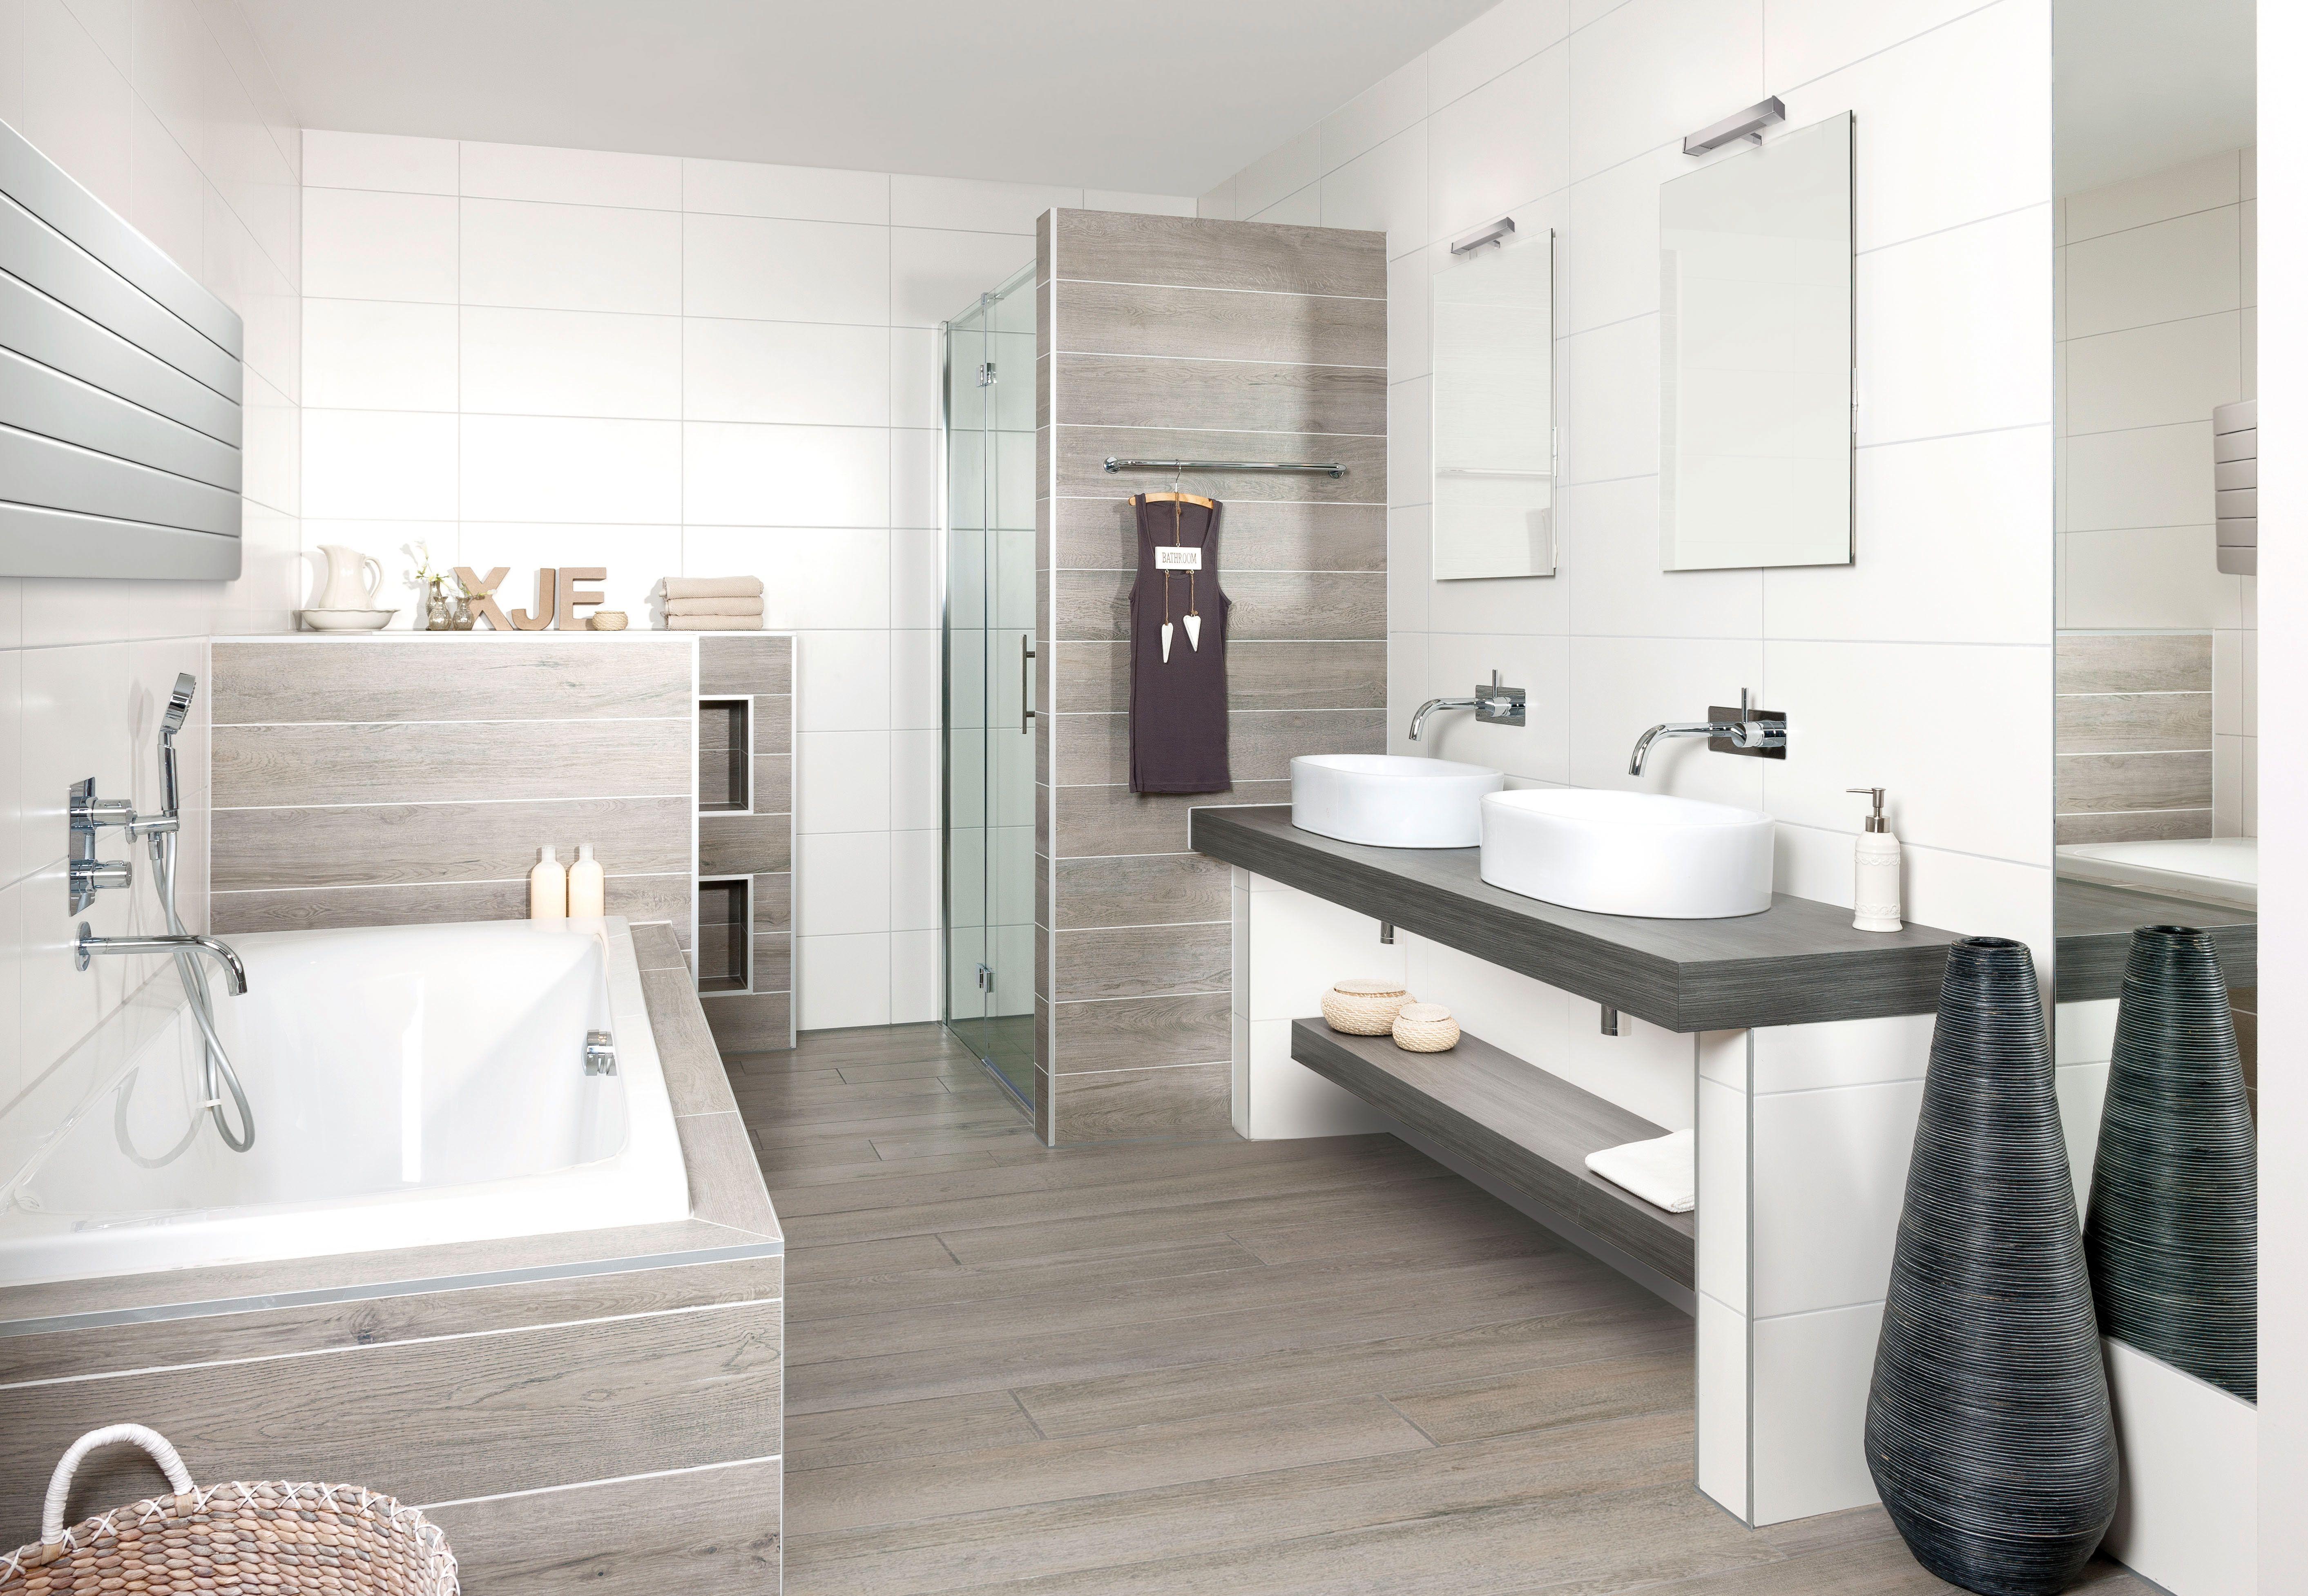 Badkamer Low Budget : Low budget tips om je badkamer een luxe uitstraling te geven. cool